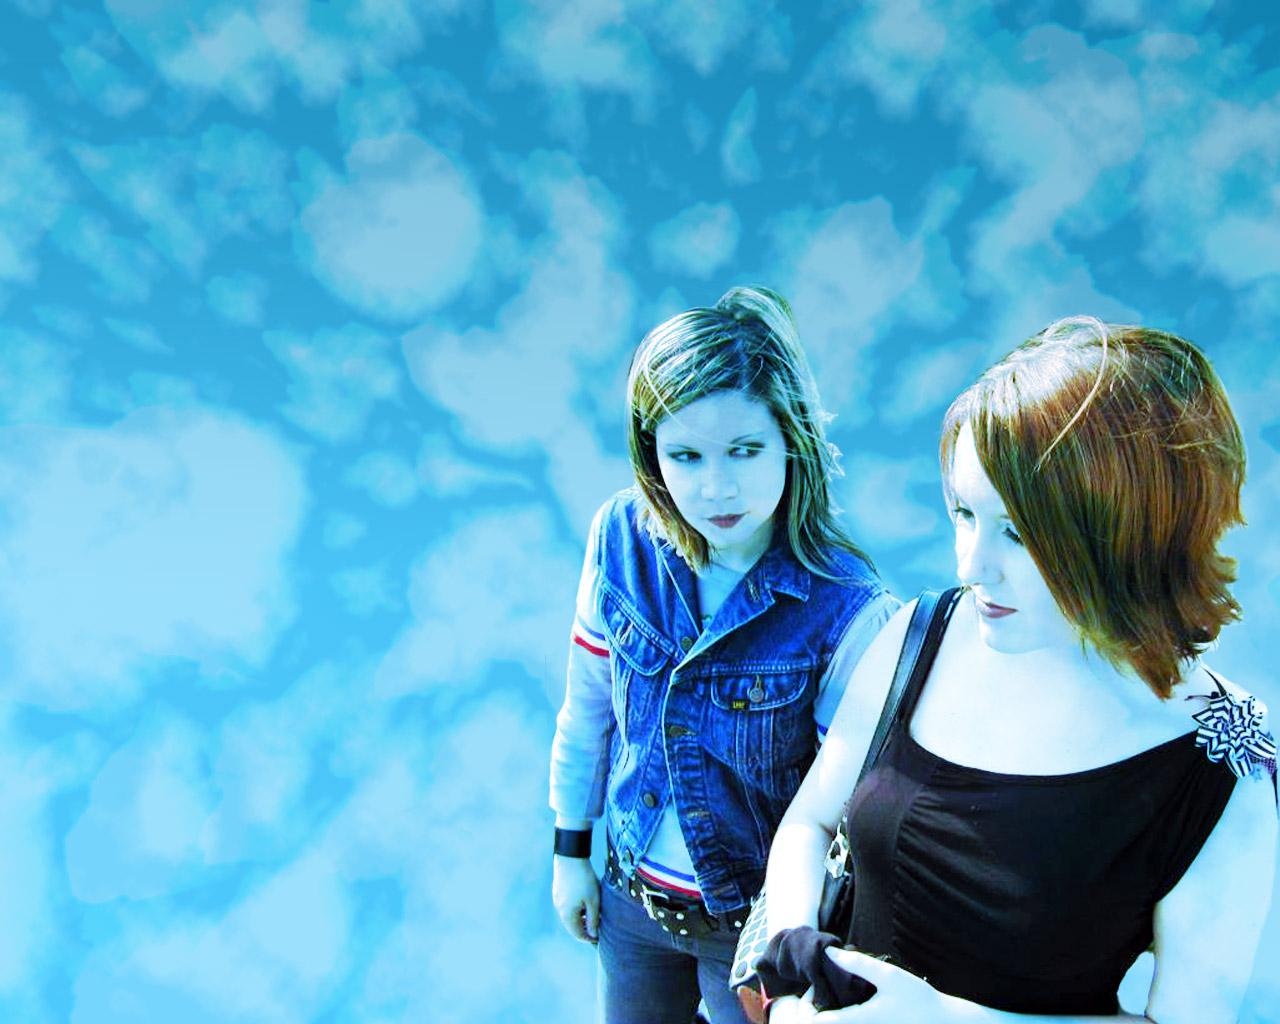 http://4.bp.blogspot.com/-HDKm847KkXI/Ta9eiPocvII/AAAAAAAAHoU/quOuIuipIsA/s1600/SkyGirlsWallpaper.jpg